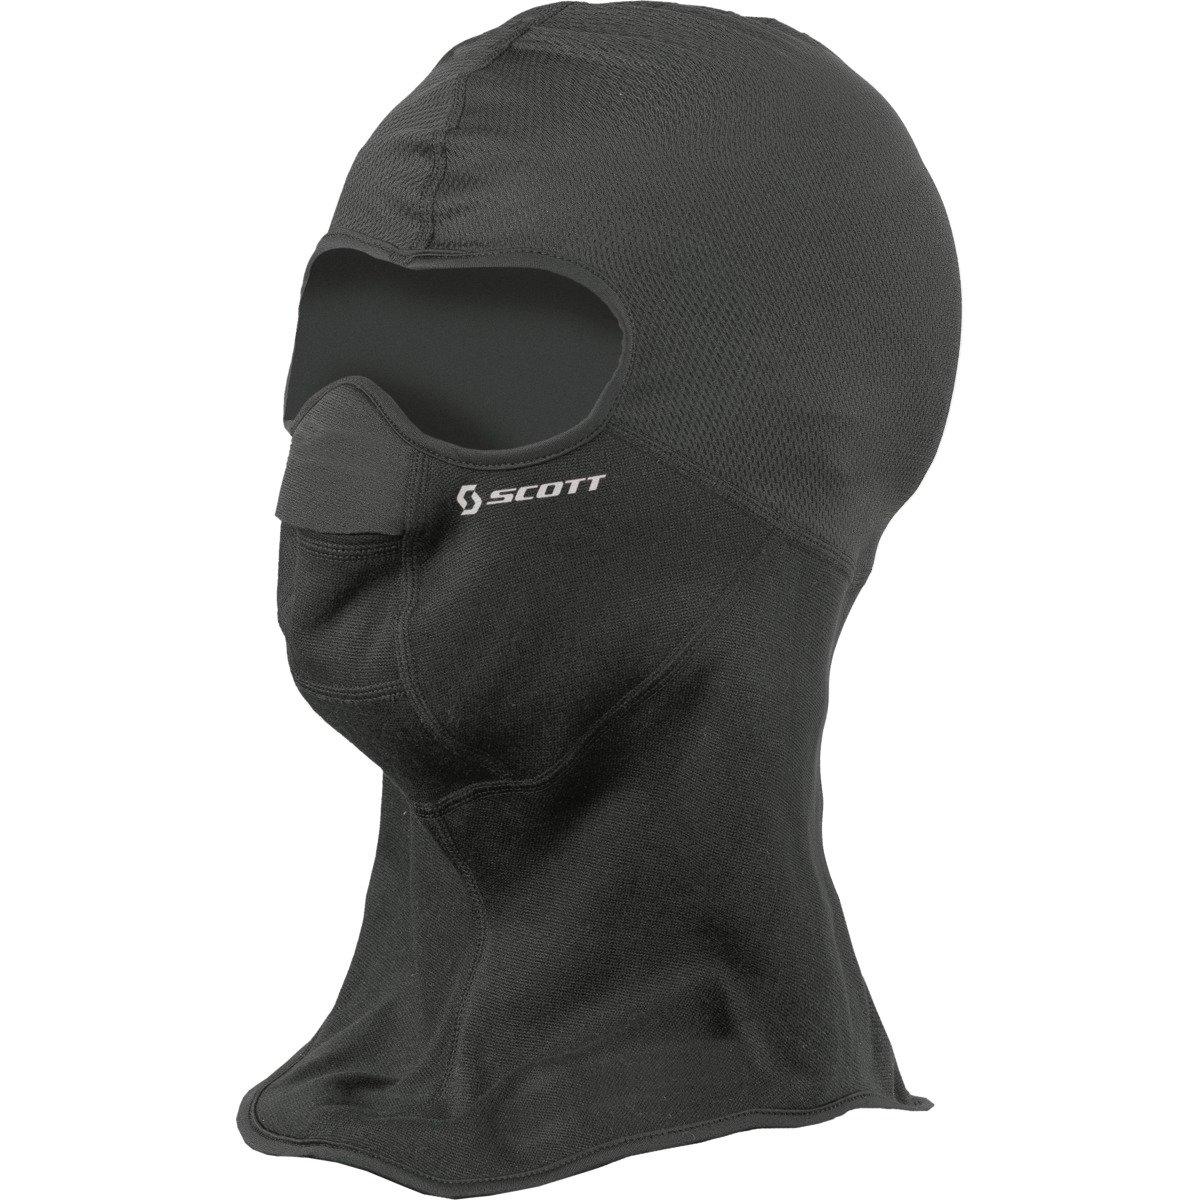 Scott Wind Warrior Hood Facemask Motorrad/Fahrrad / Ski Gesichtsmaske schwarz